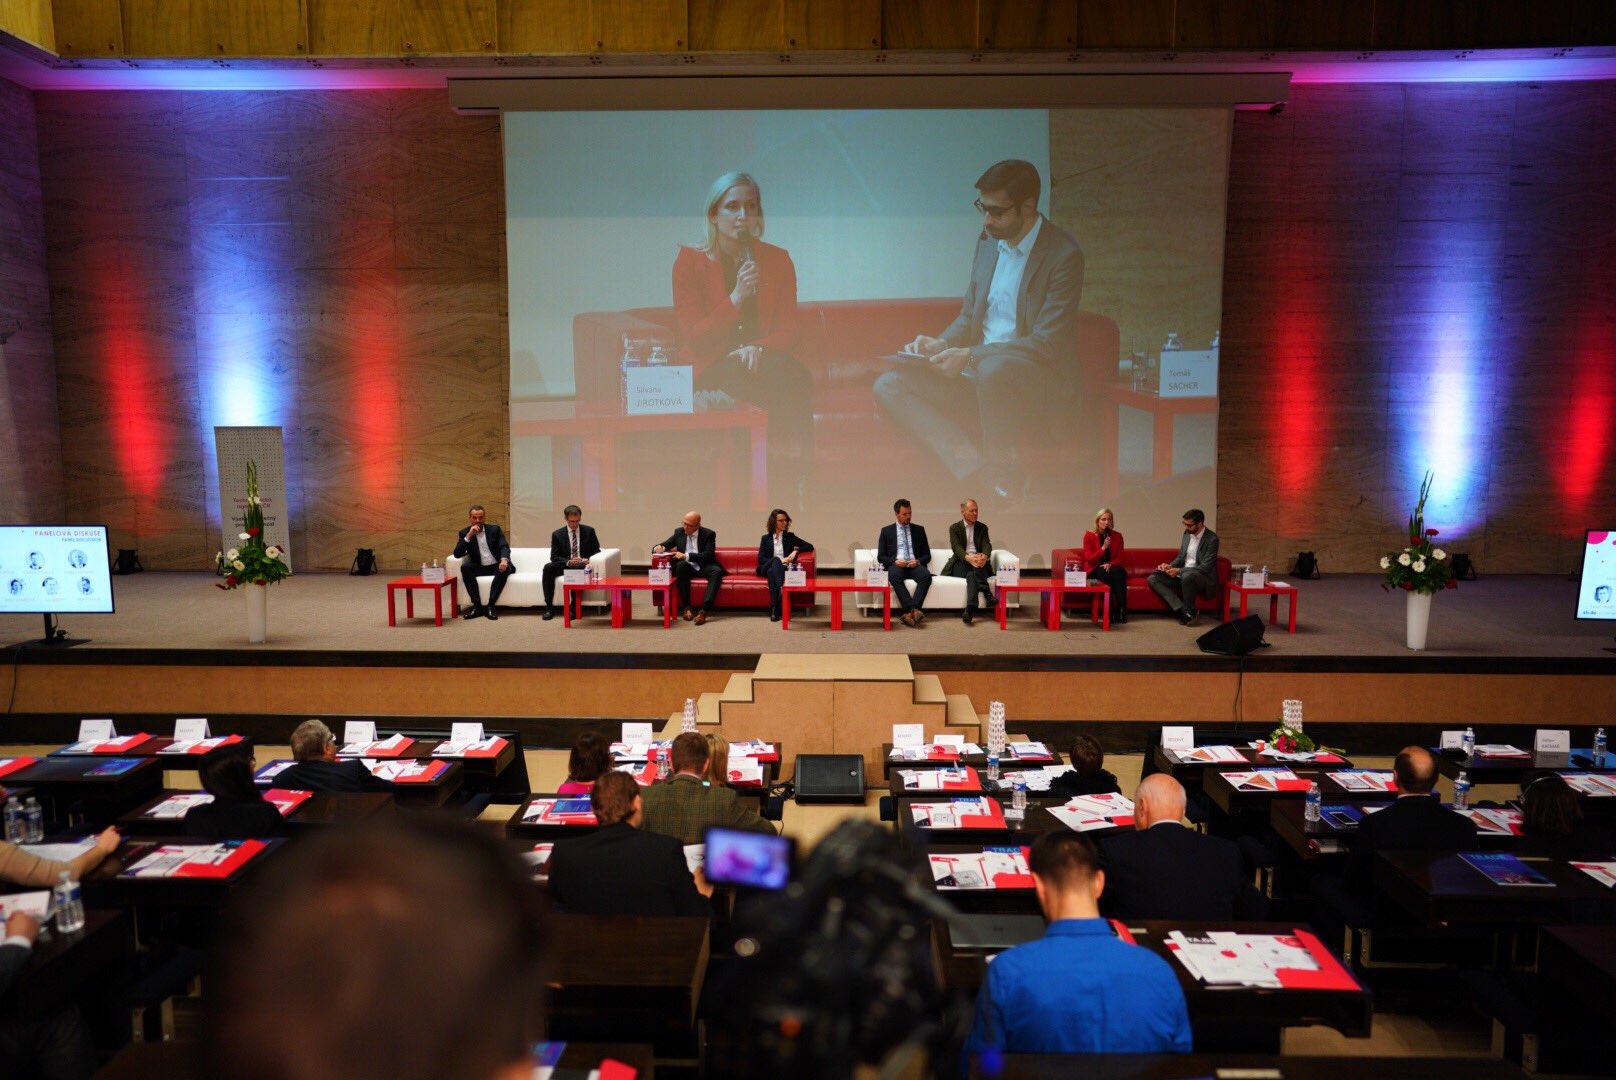 konference tacr 2019